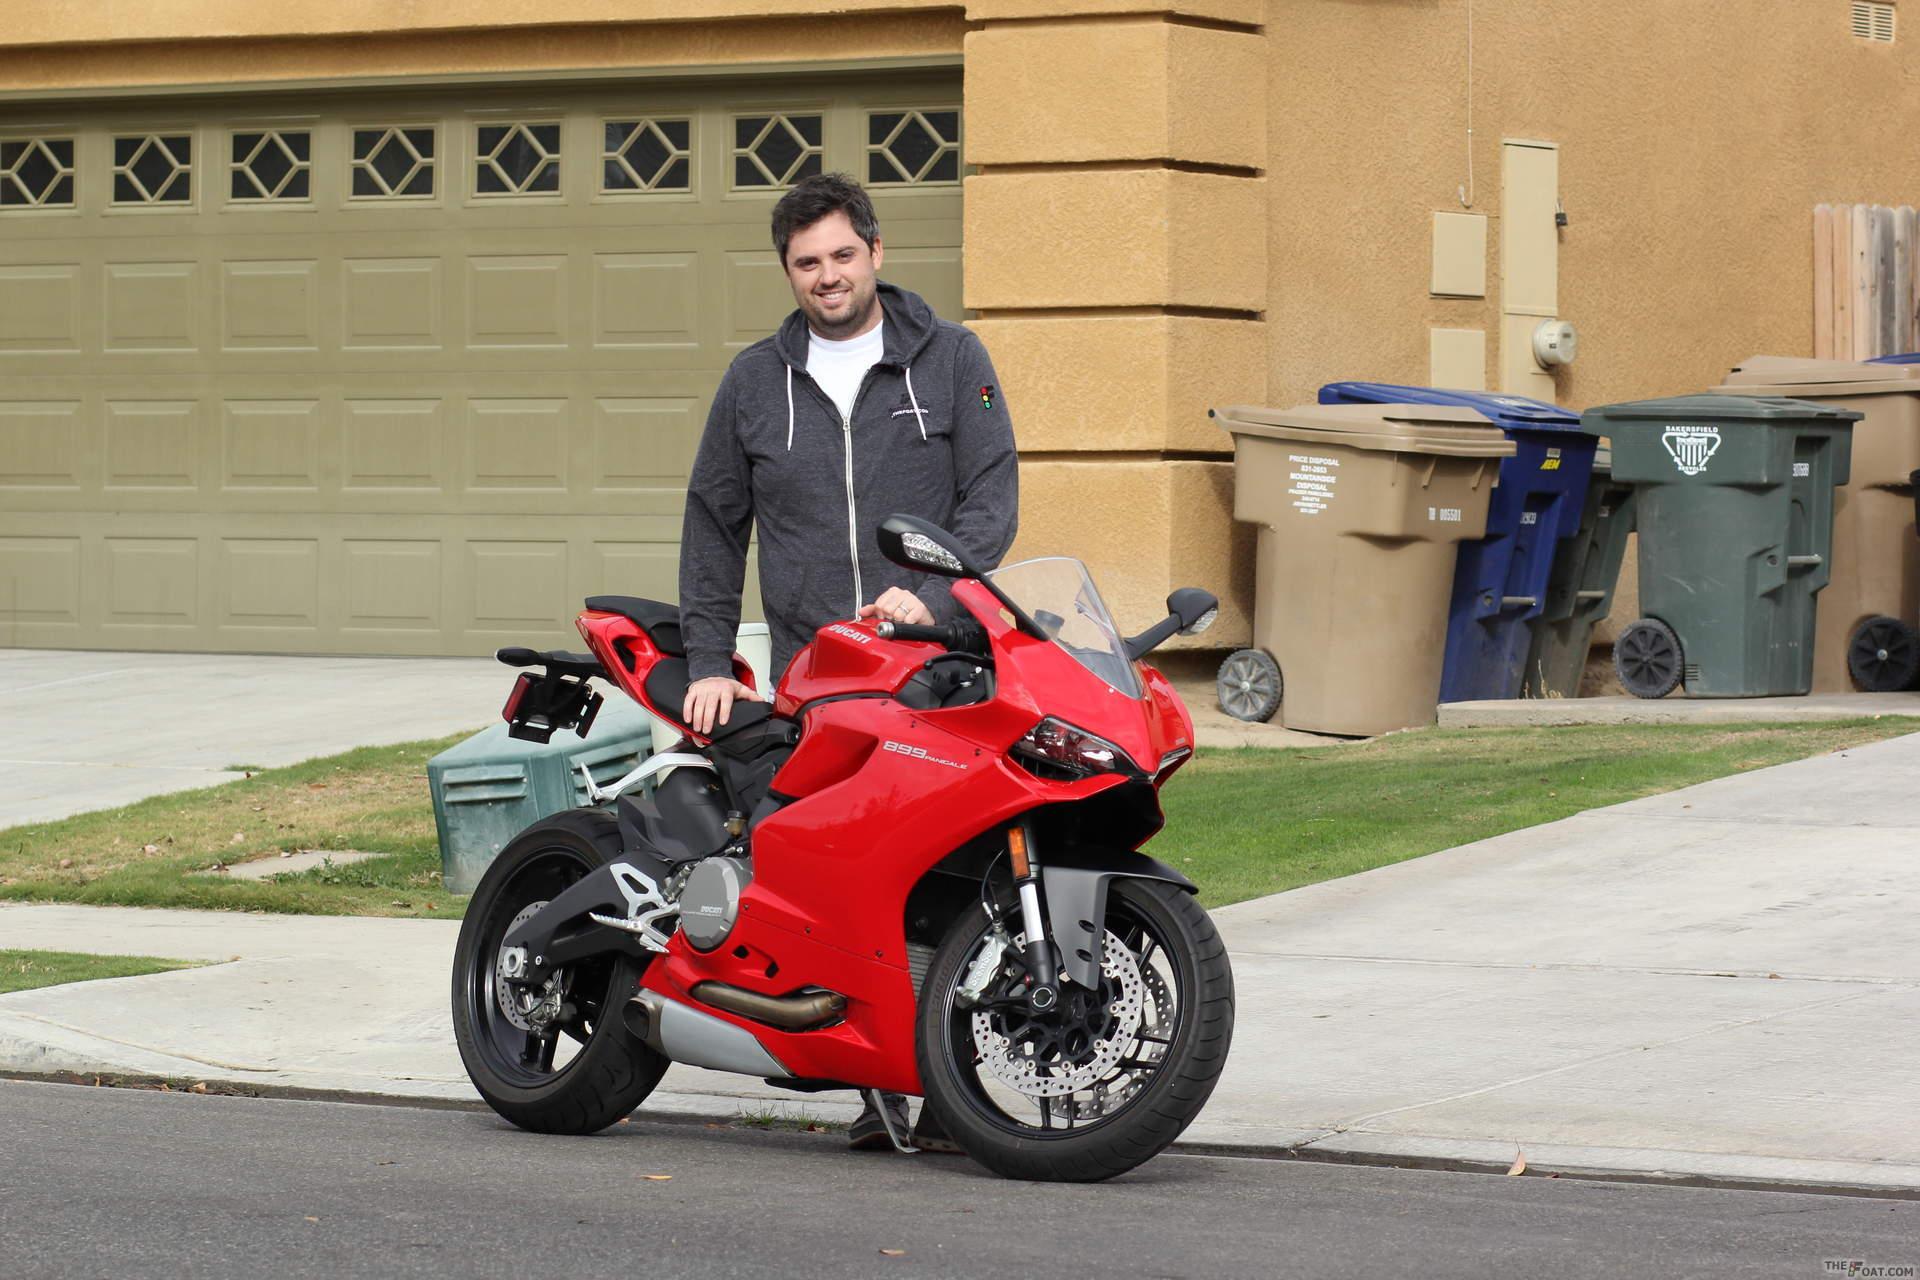 Ducati Forums Classifieds